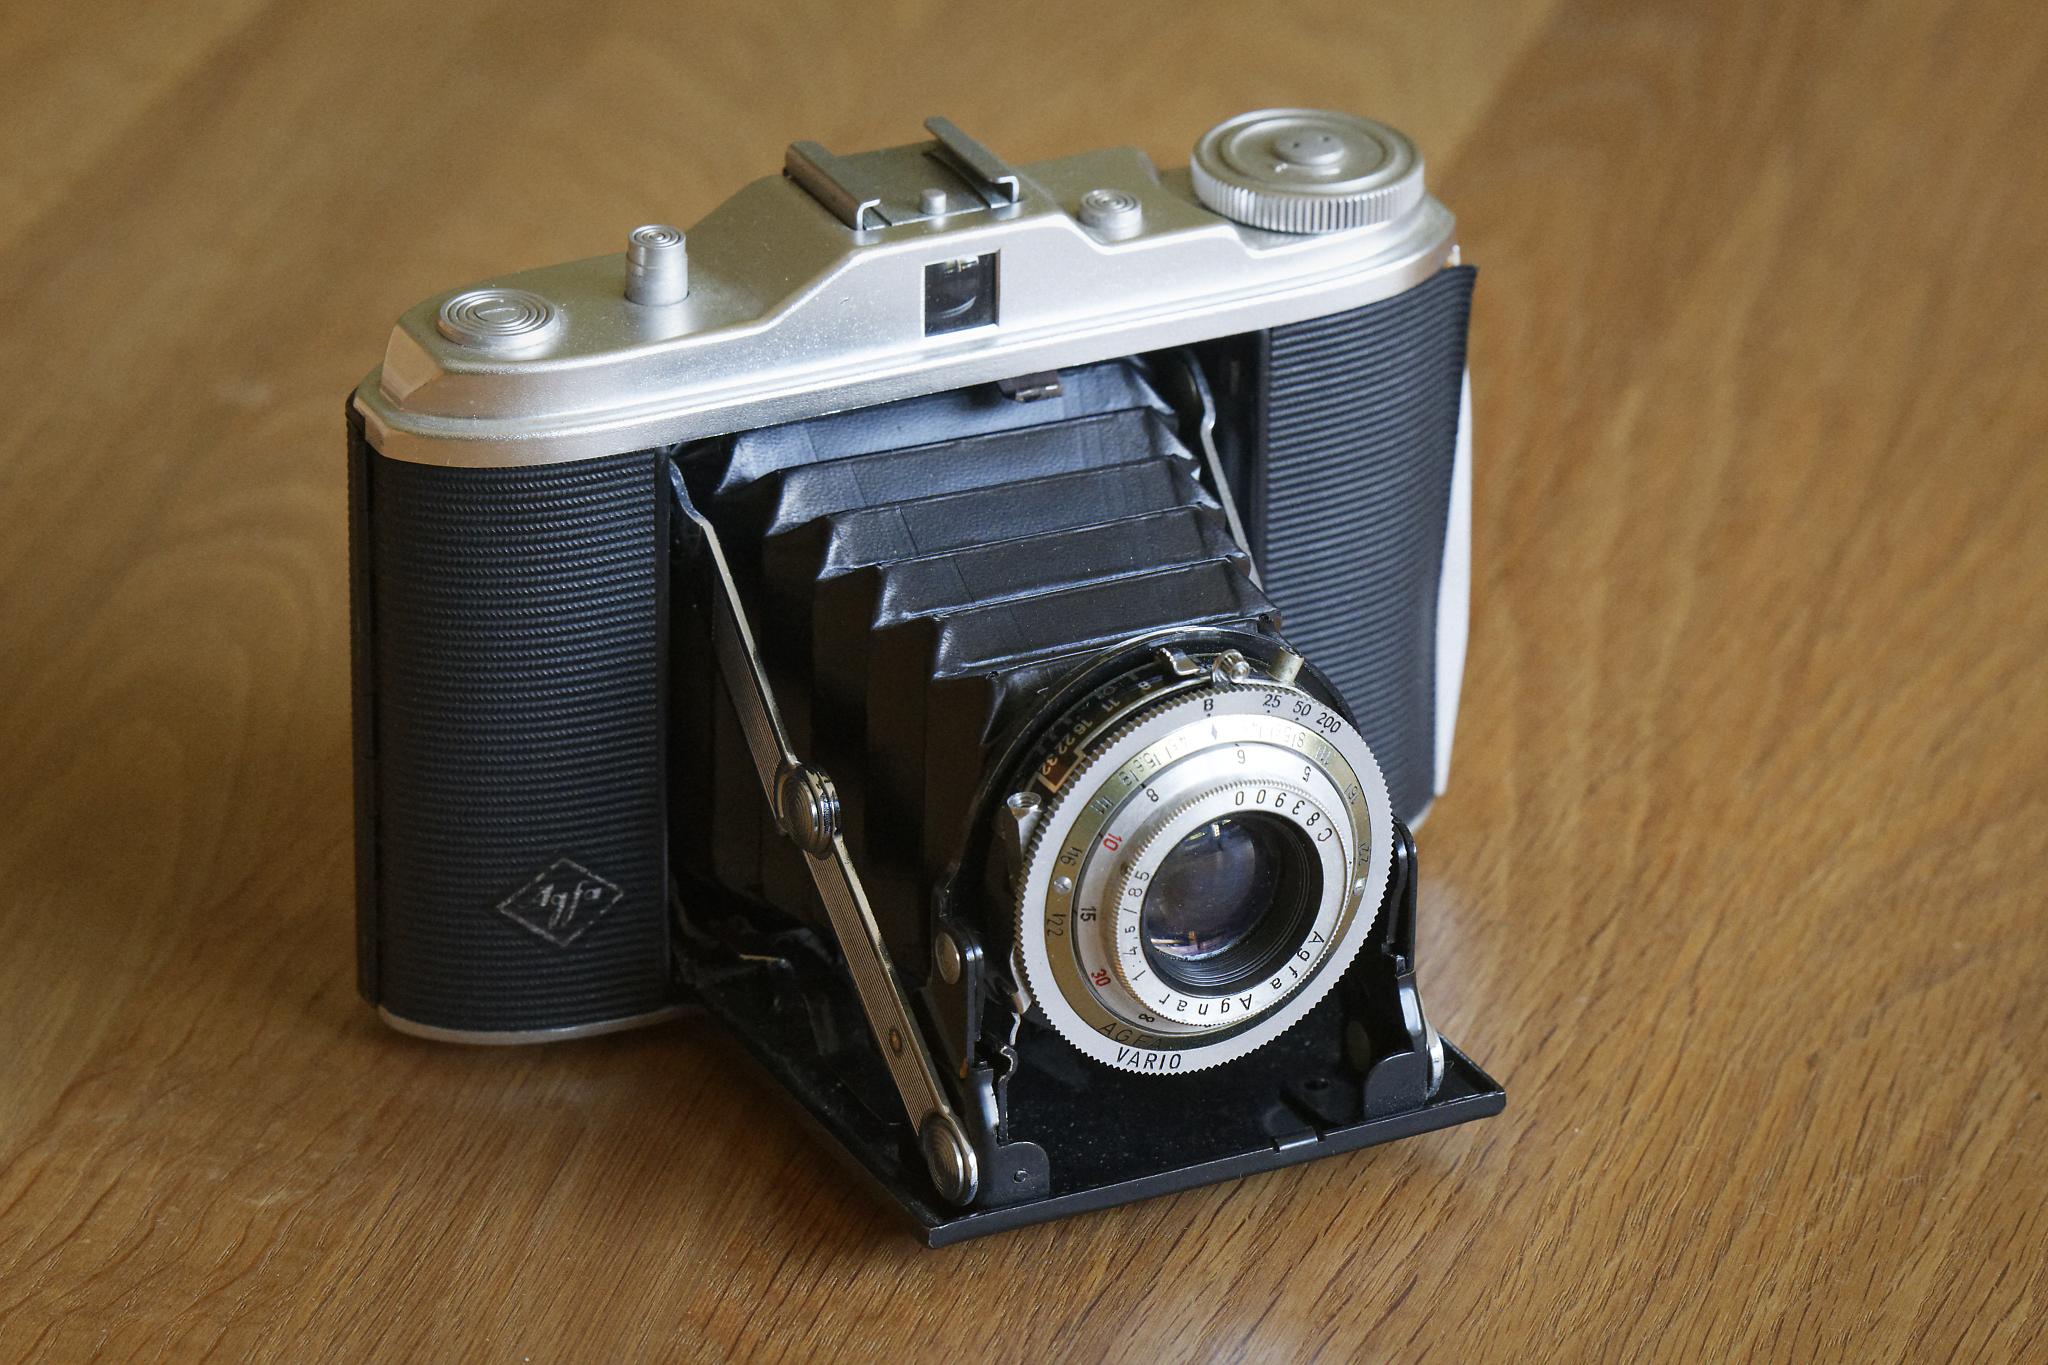 My first 'proper' camera!